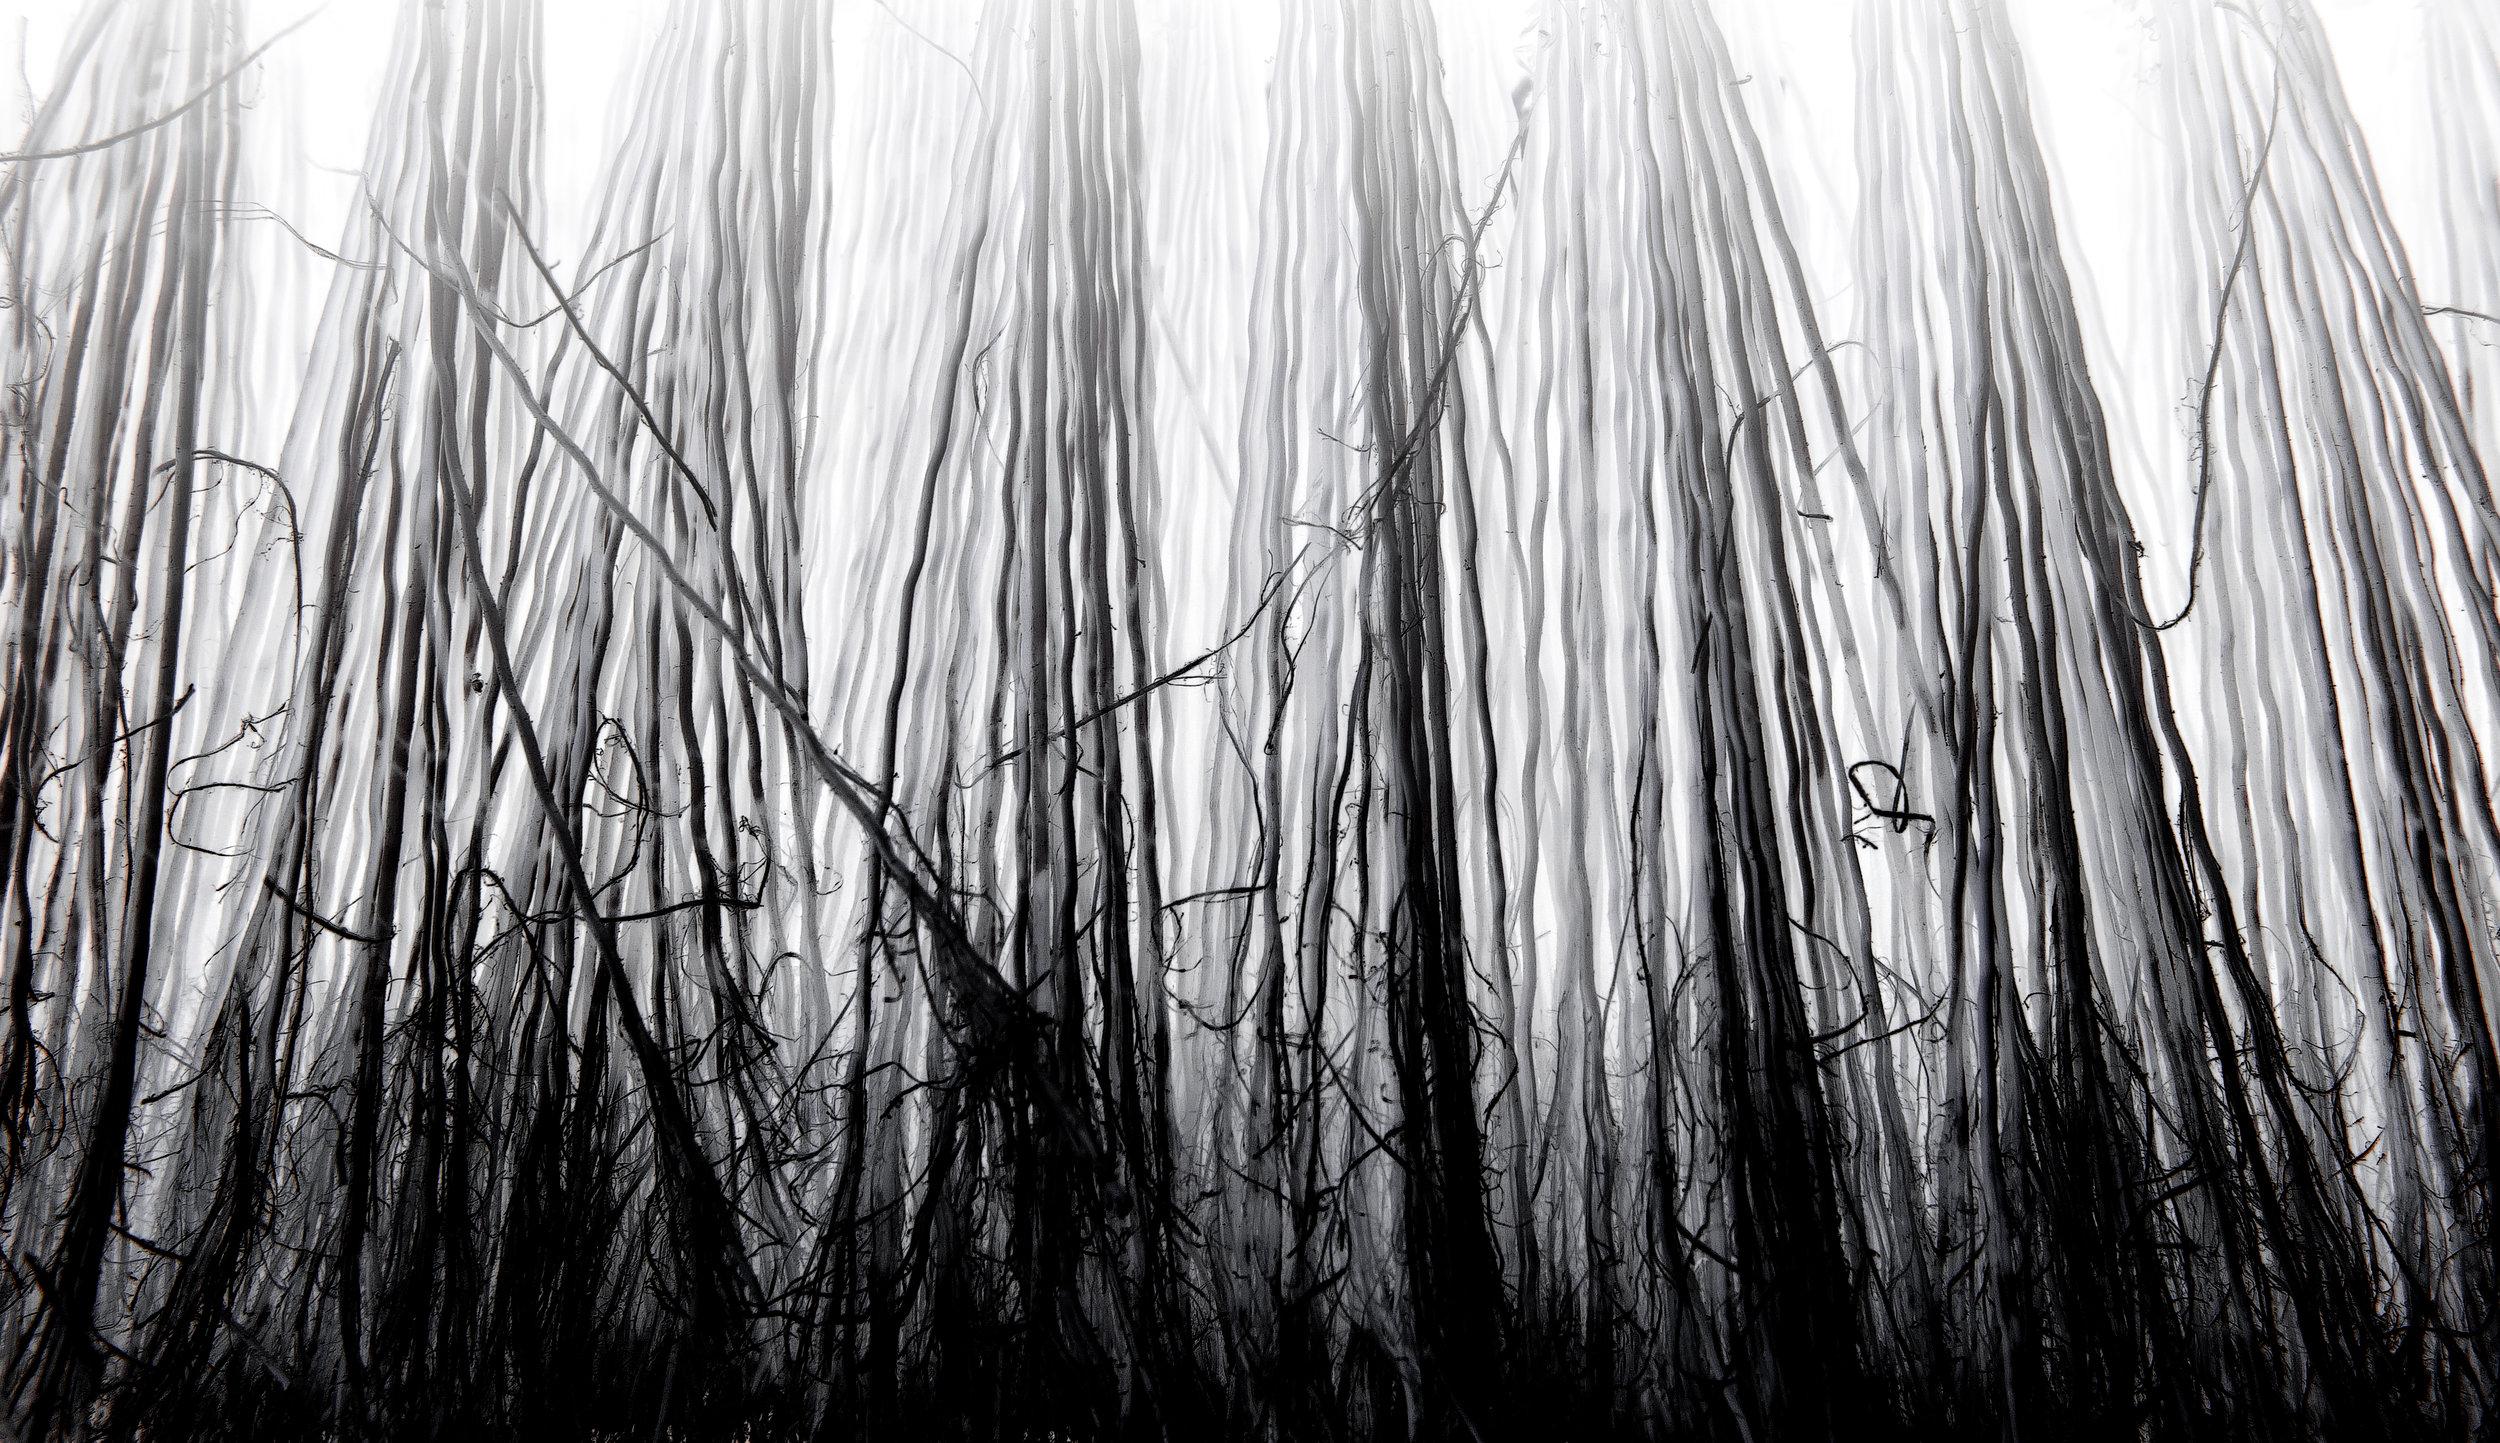 DEMENTED  (broom bristles)